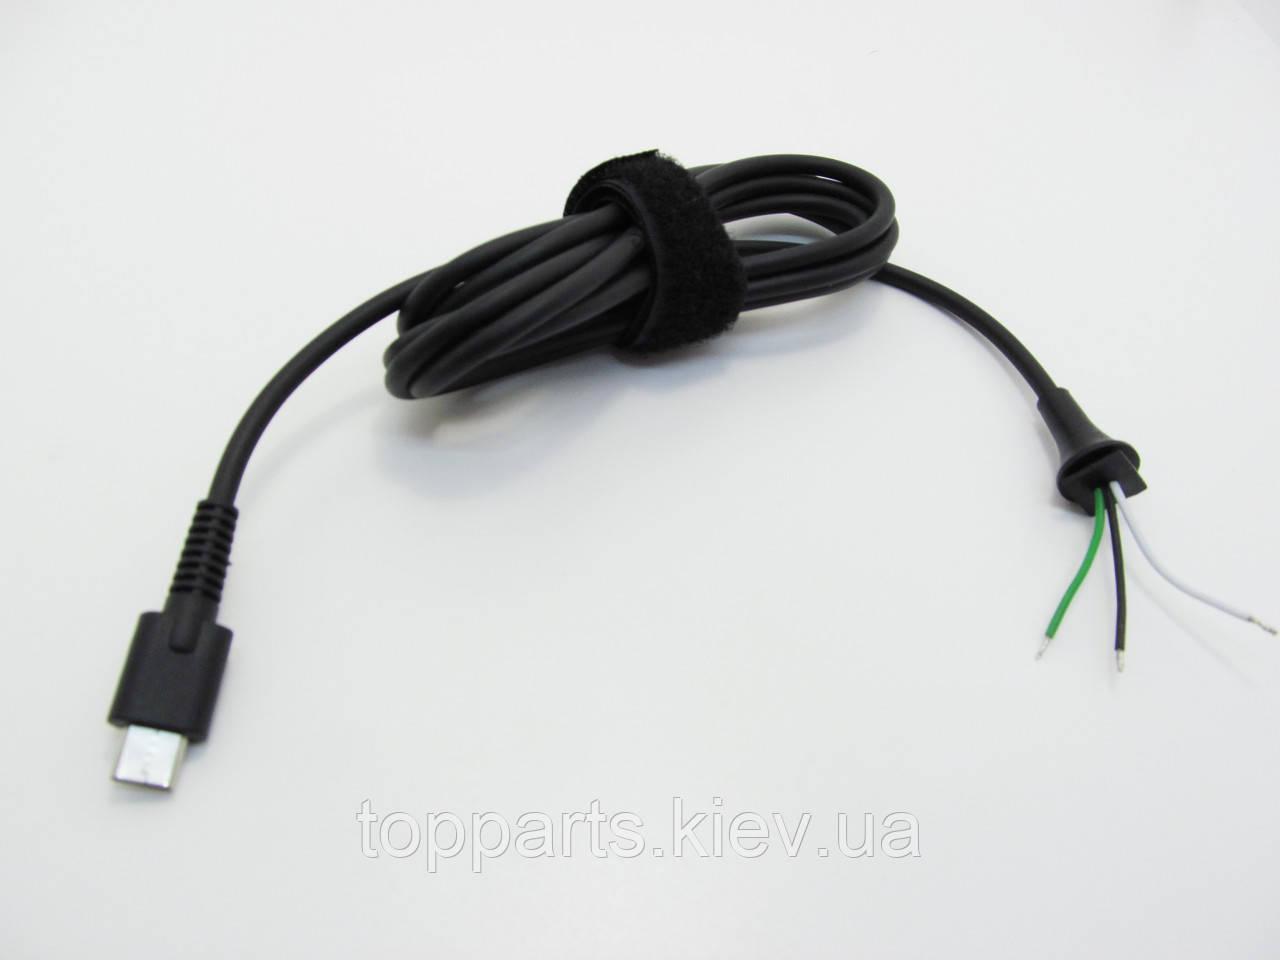 Кабель питания DC для ноутбуков Asus (разъем USB Type-C black)